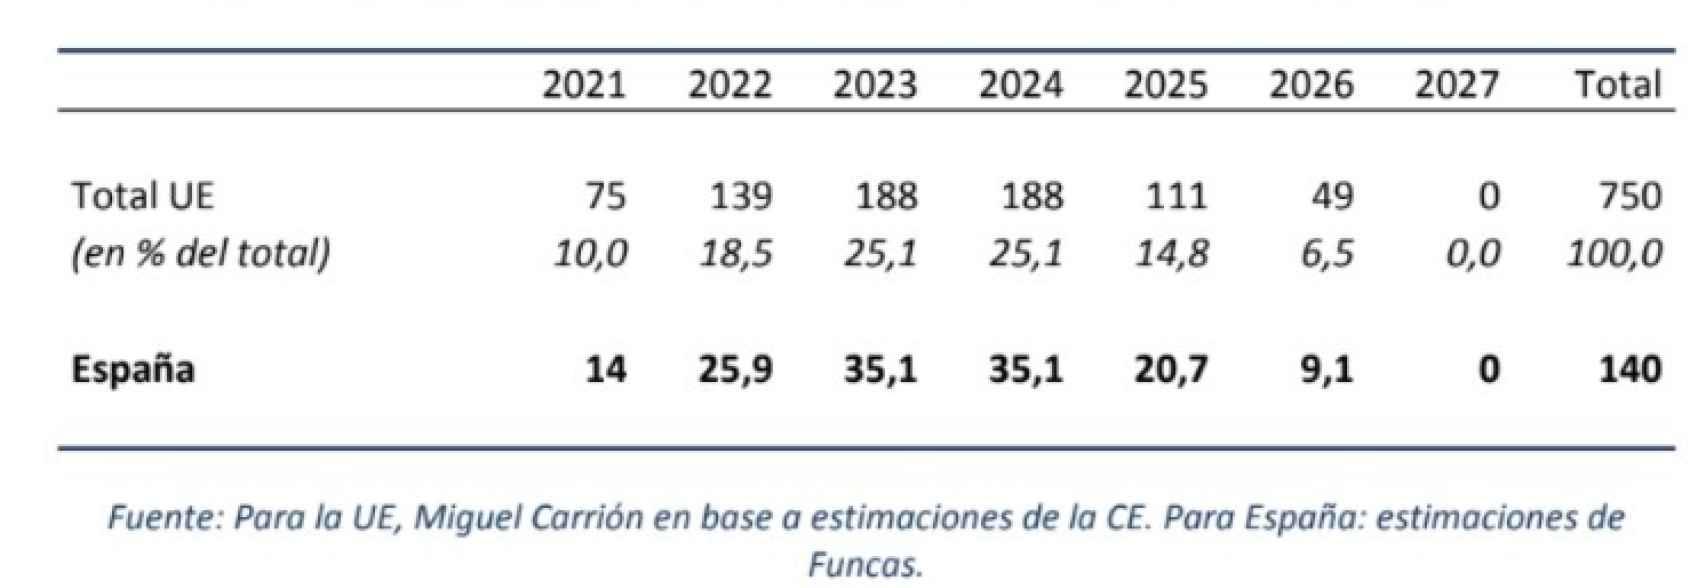 Plan europeo de recuperación, en miles de millones de euros.